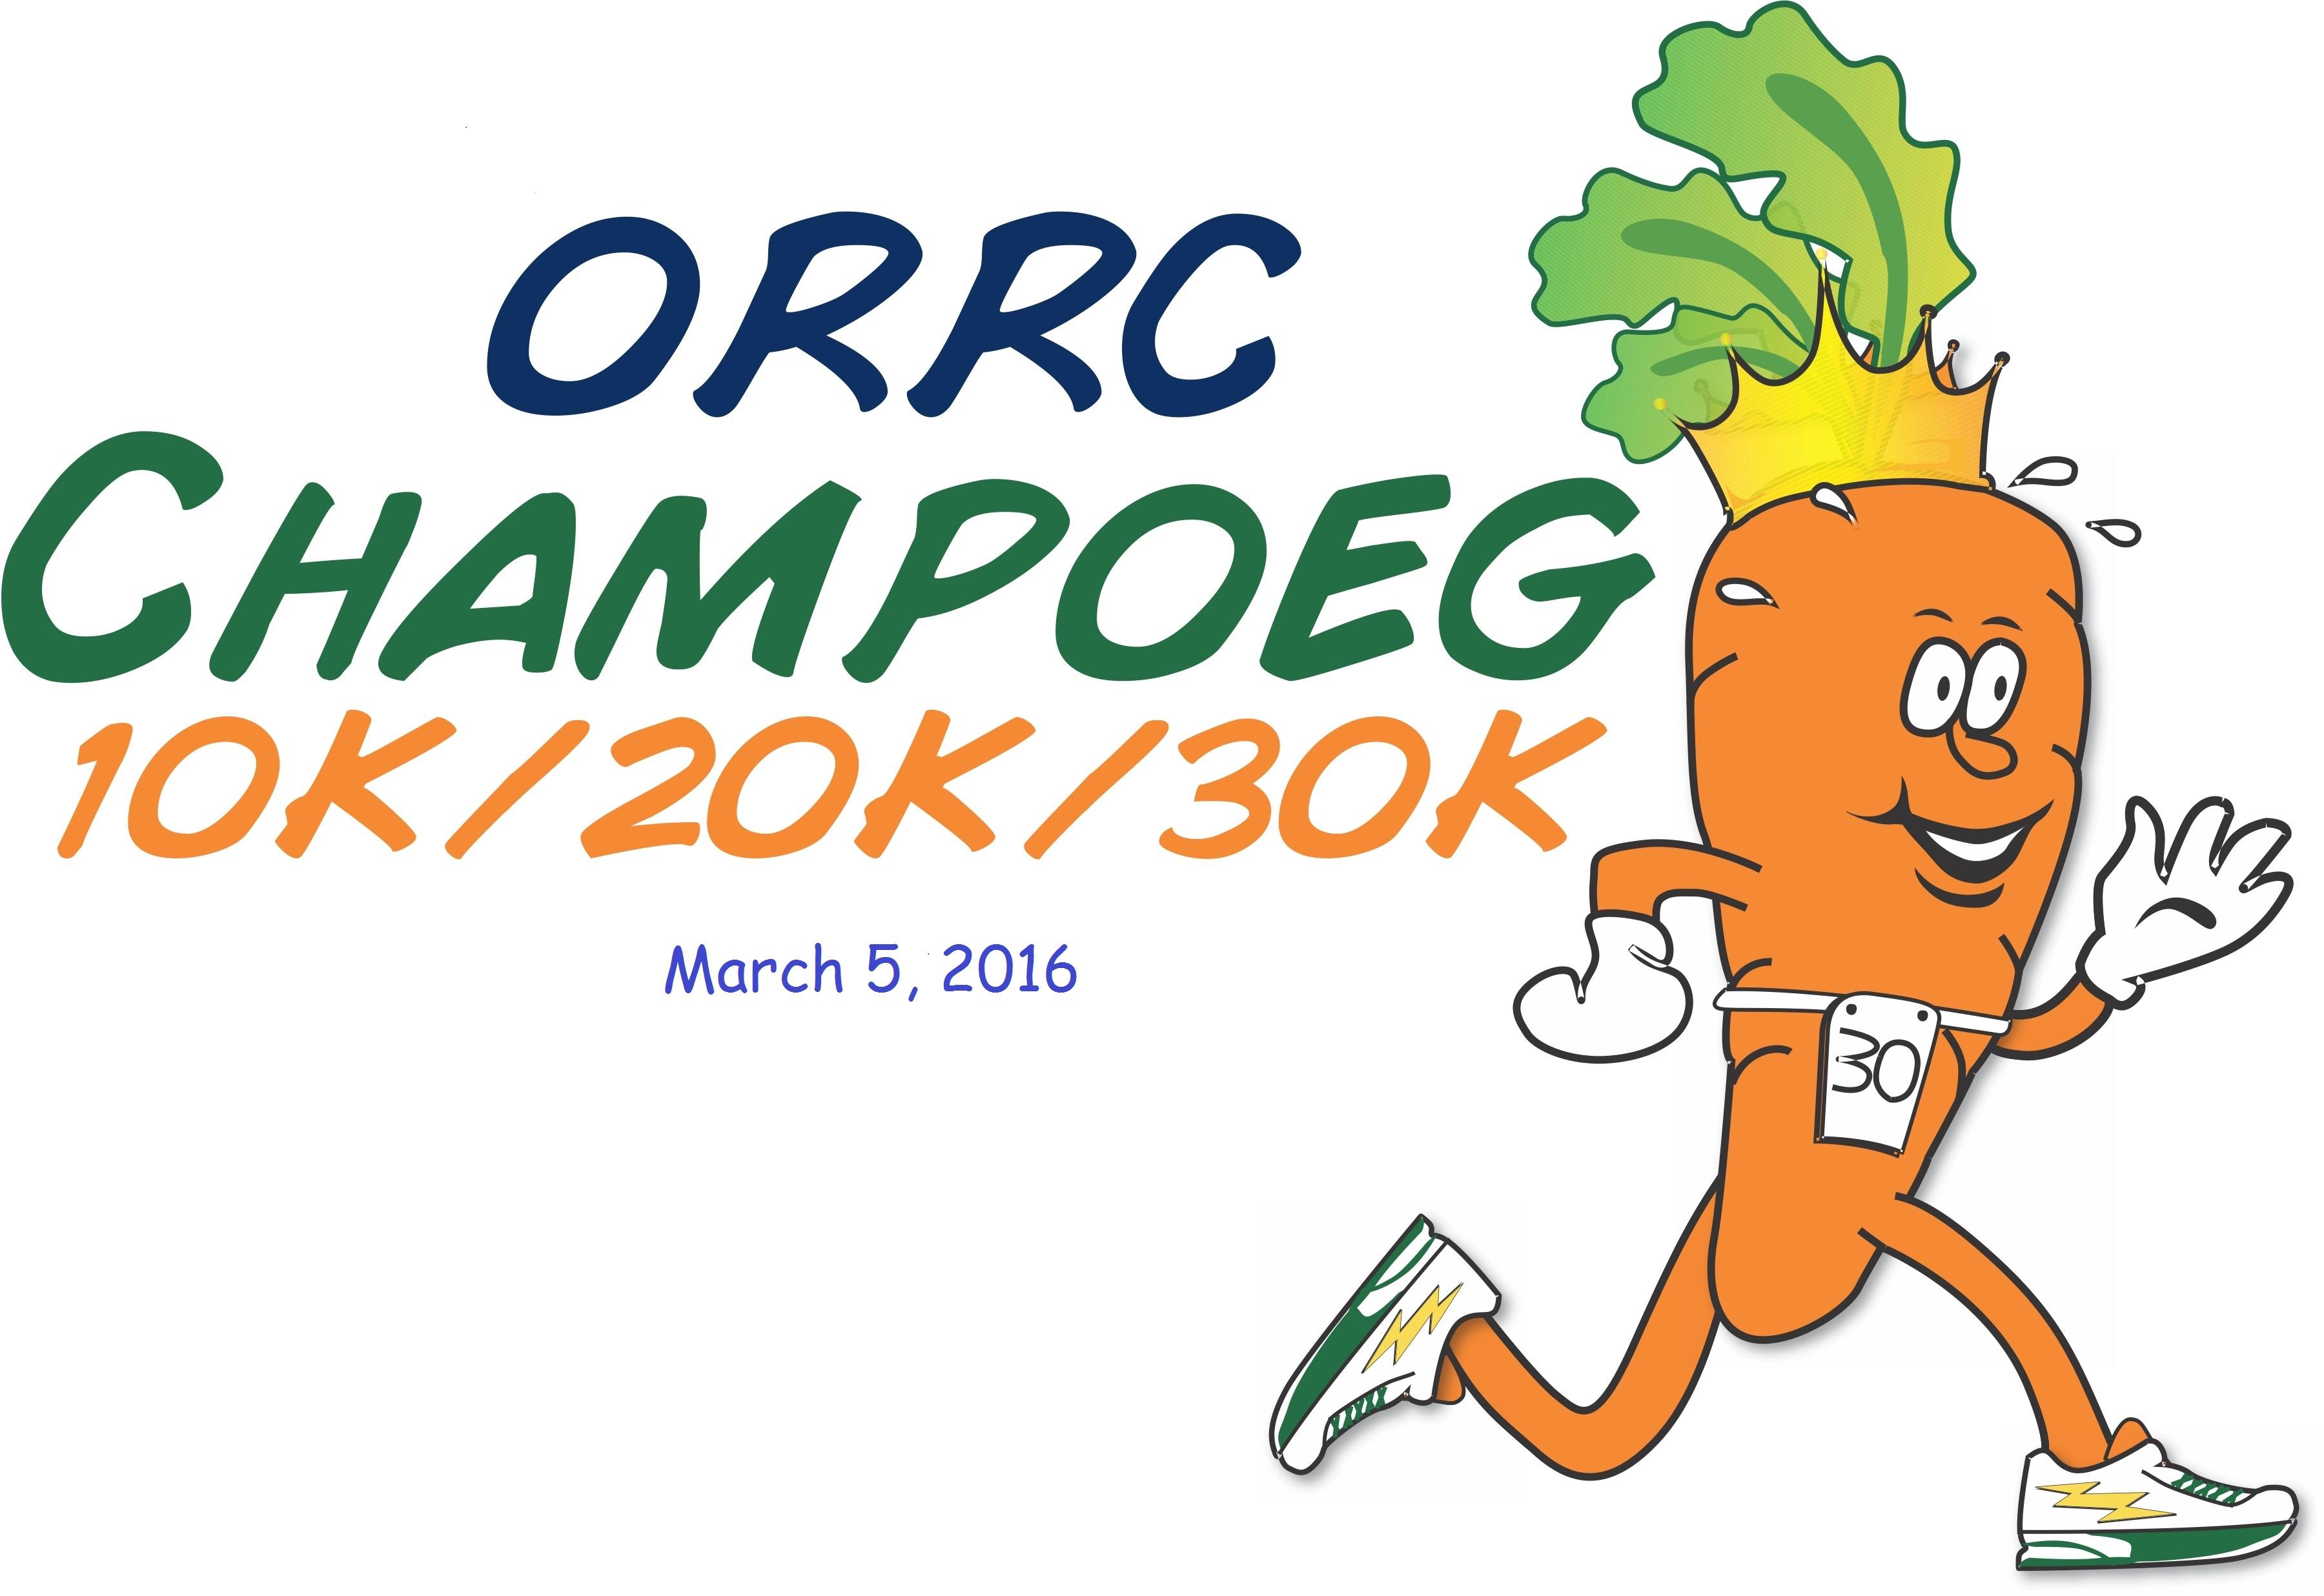 ORRC Champoeg 10K_20K_30K 2016